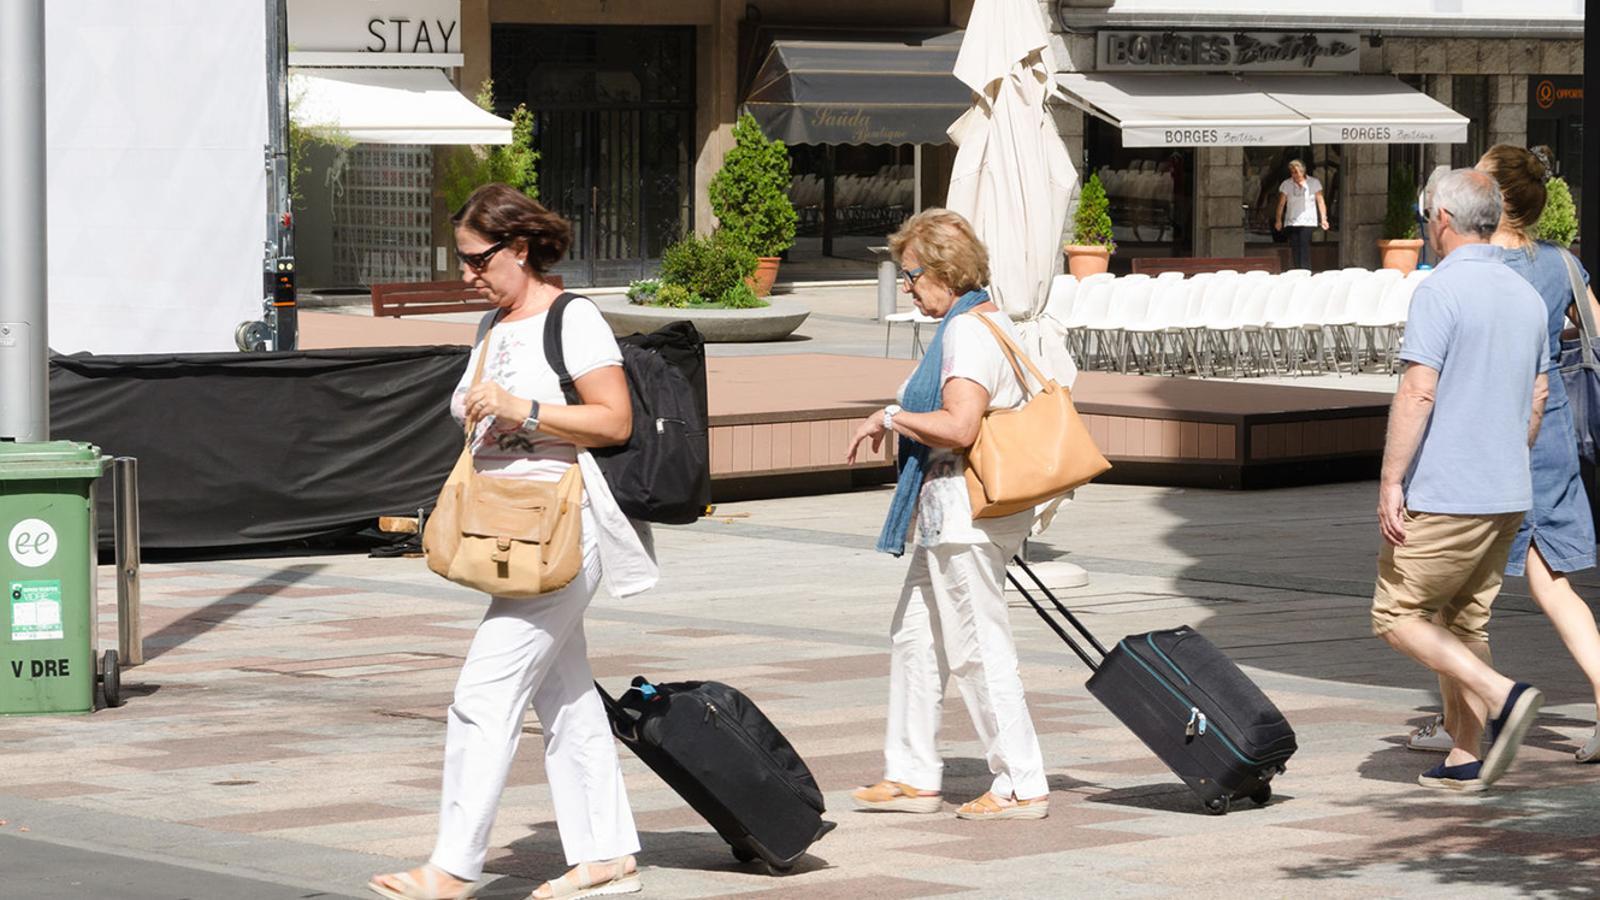 Dues turistes a la plaça Coprínceps d'Escaldes-Engordany. / ARXIU ANA